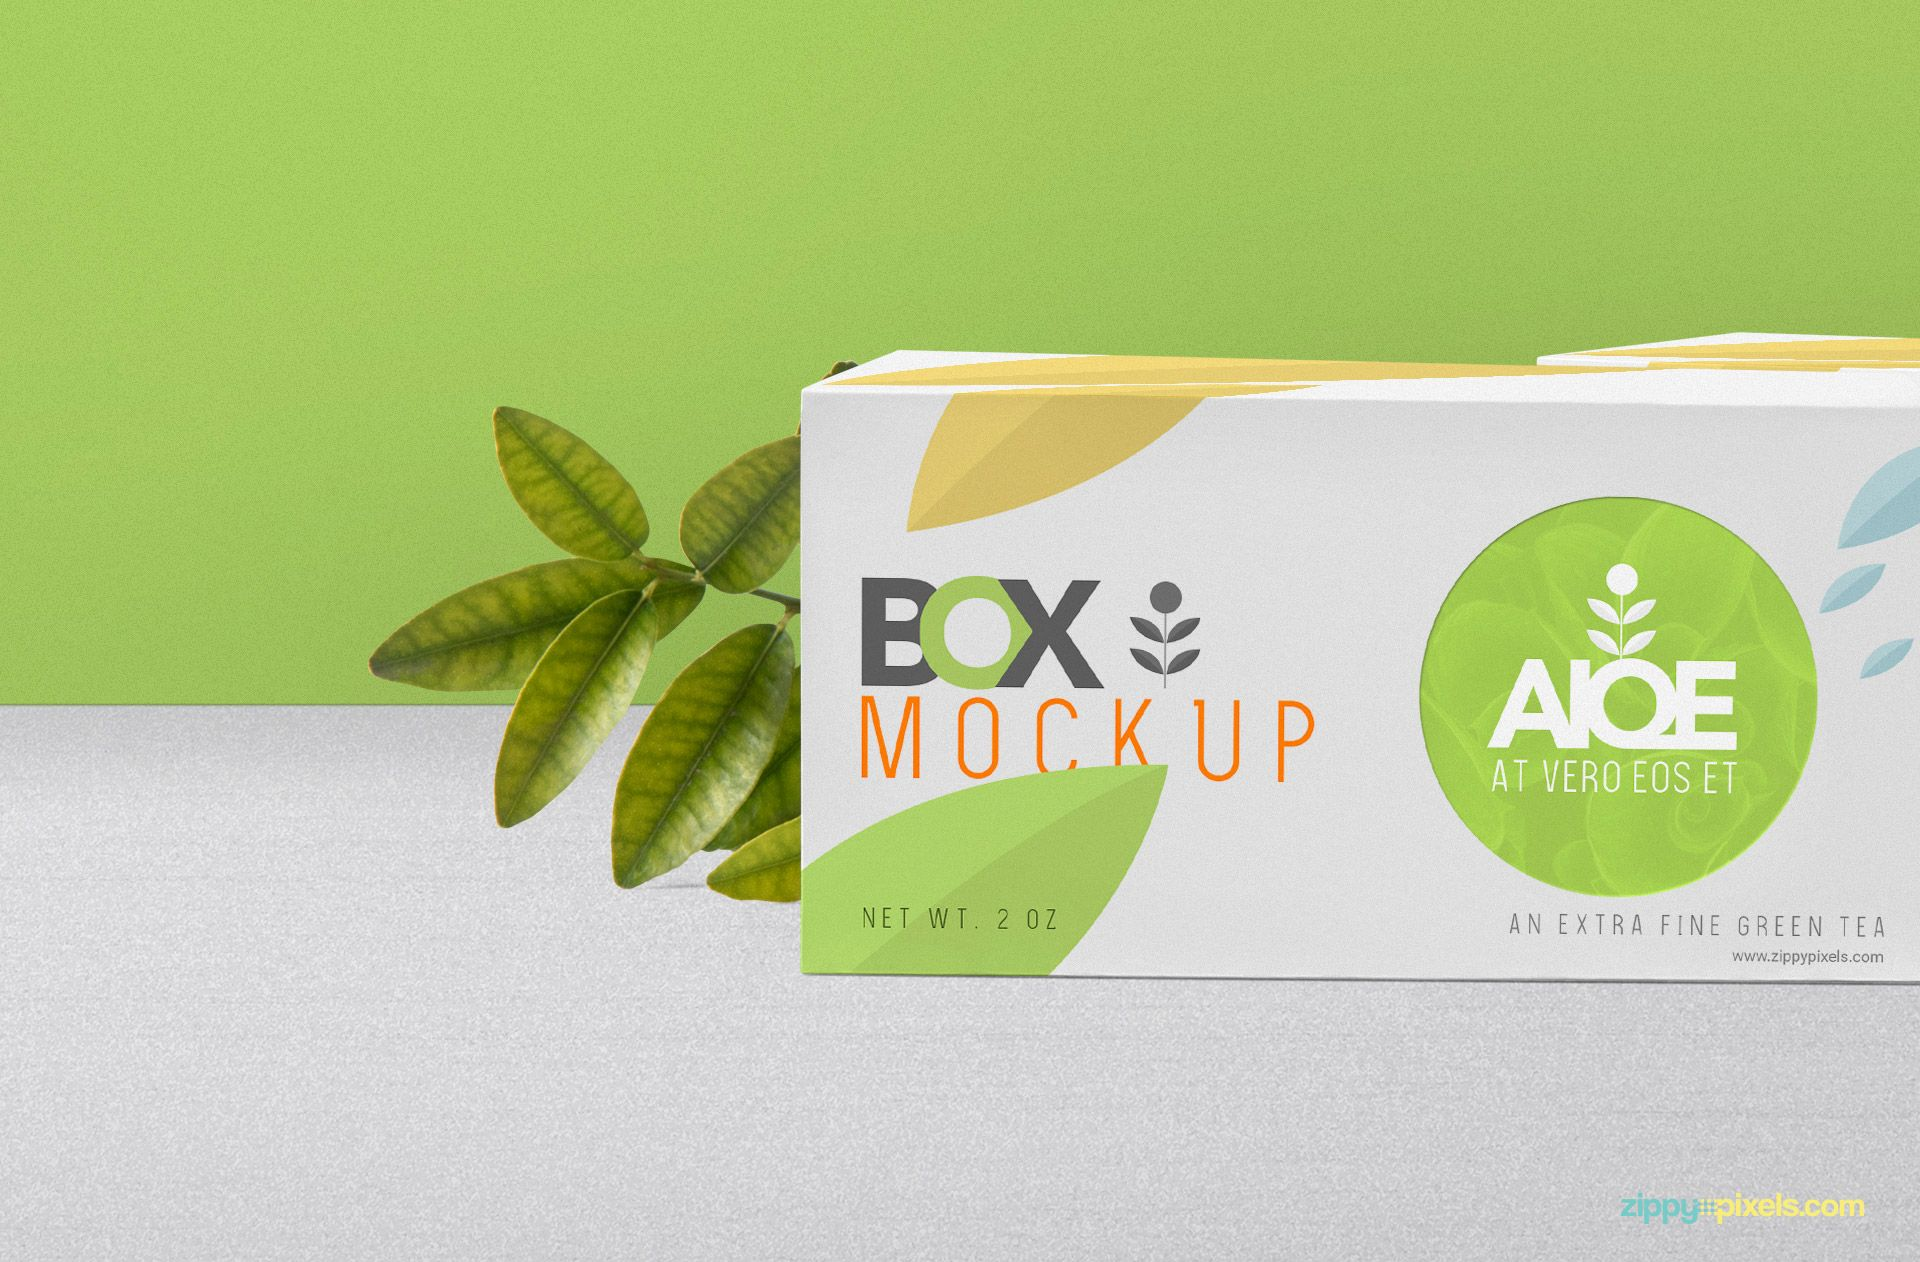 Download Free Wonderful Tea Packaging Mockup Zippypixels Tea Packaging Packaging Mockup Mockup